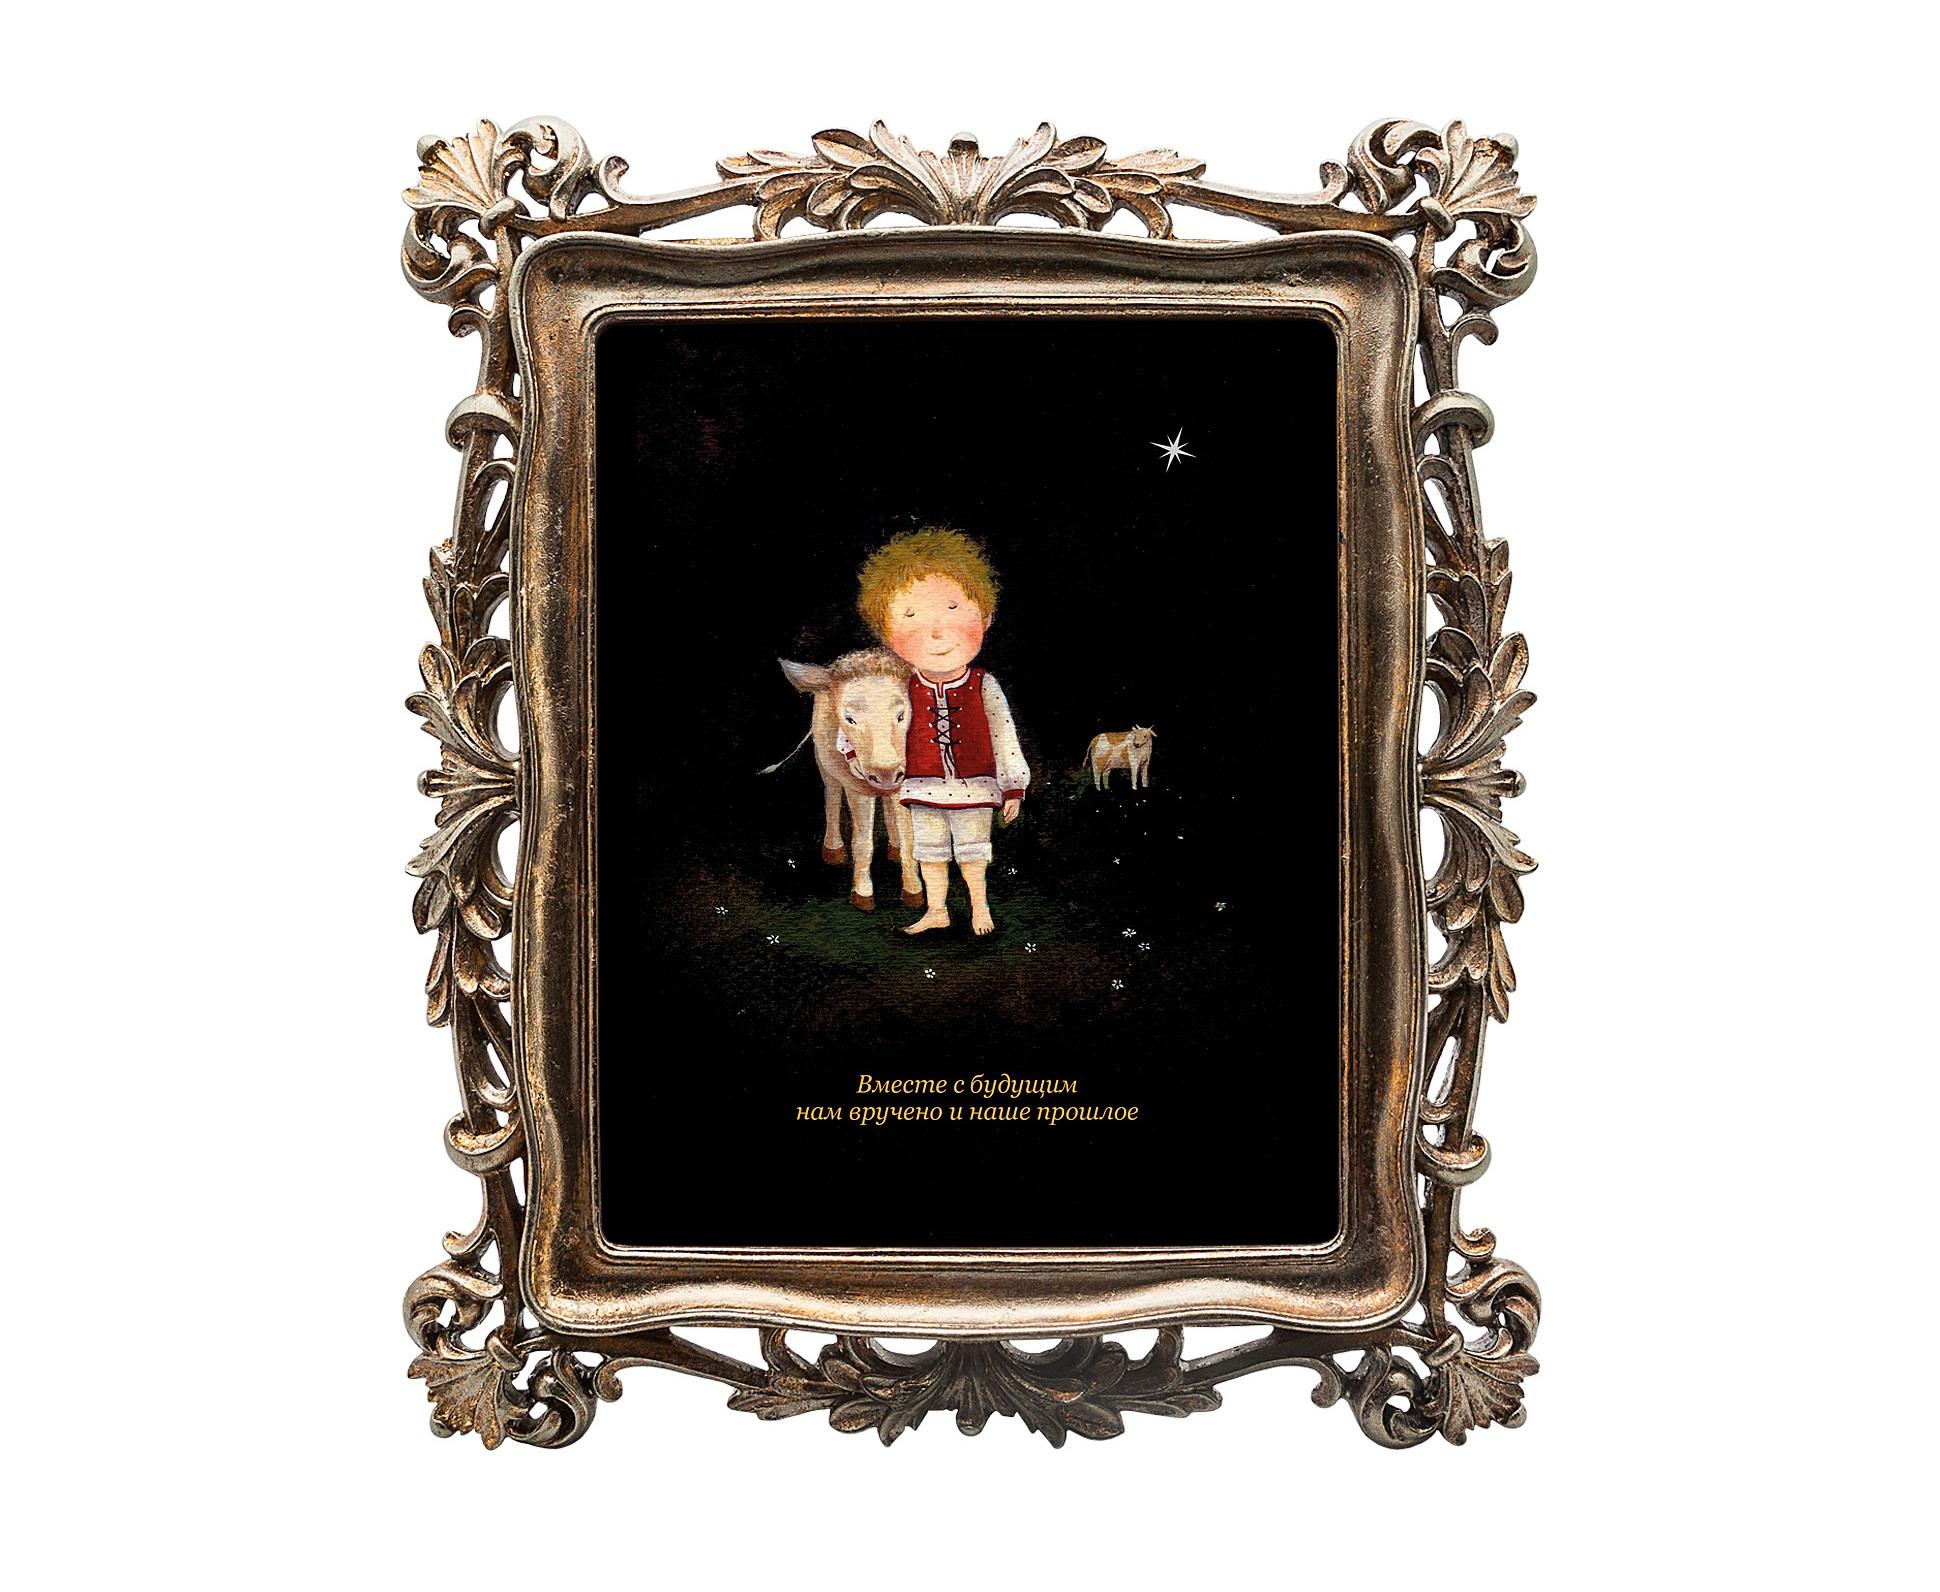 Картина 12 рецептов счастья (Телец)Картины<br>Картина из коллекции «12 рецептов счастья» «Вместе с будущим нам вручено и наше прошлое» олицетворяет собой знак зодиака Телец, преподнося нам уникальное пожелание.  Картину можно повесить на стену, либо поставить, например, на стол или камин. Защитный стеклянный слой  гарантирует долгую жизнь прекрасному изображению. Рама изготовлена из полистоуна. Искусная техника состаривания придает раме особую теплоту и винтажность.&amp;lt;div&amp;gt;&amp;lt;span style=&amp;quot;font-size: 14px;&amp;quot;&amp;gt;&amp;lt;br&amp;gt;&amp;lt;/span&amp;gt;&amp;lt;/div&amp;gt;&amp;lt;div&amp;gt;&amp;lt;span style=&amp;quot;font-size: 14px;&amp;quot;&amp;gt;Материал: полистоун, стекло, дизайнерская бумага.&amp;lt;/span&amp;gt;&amp;lt;br&amp;gt;&amp;lt;/div&amp;gt;<br><br>Material: Полистоун<br>Width см: 29.7<br>Depth см: 2.2<br>Height см: 34.7